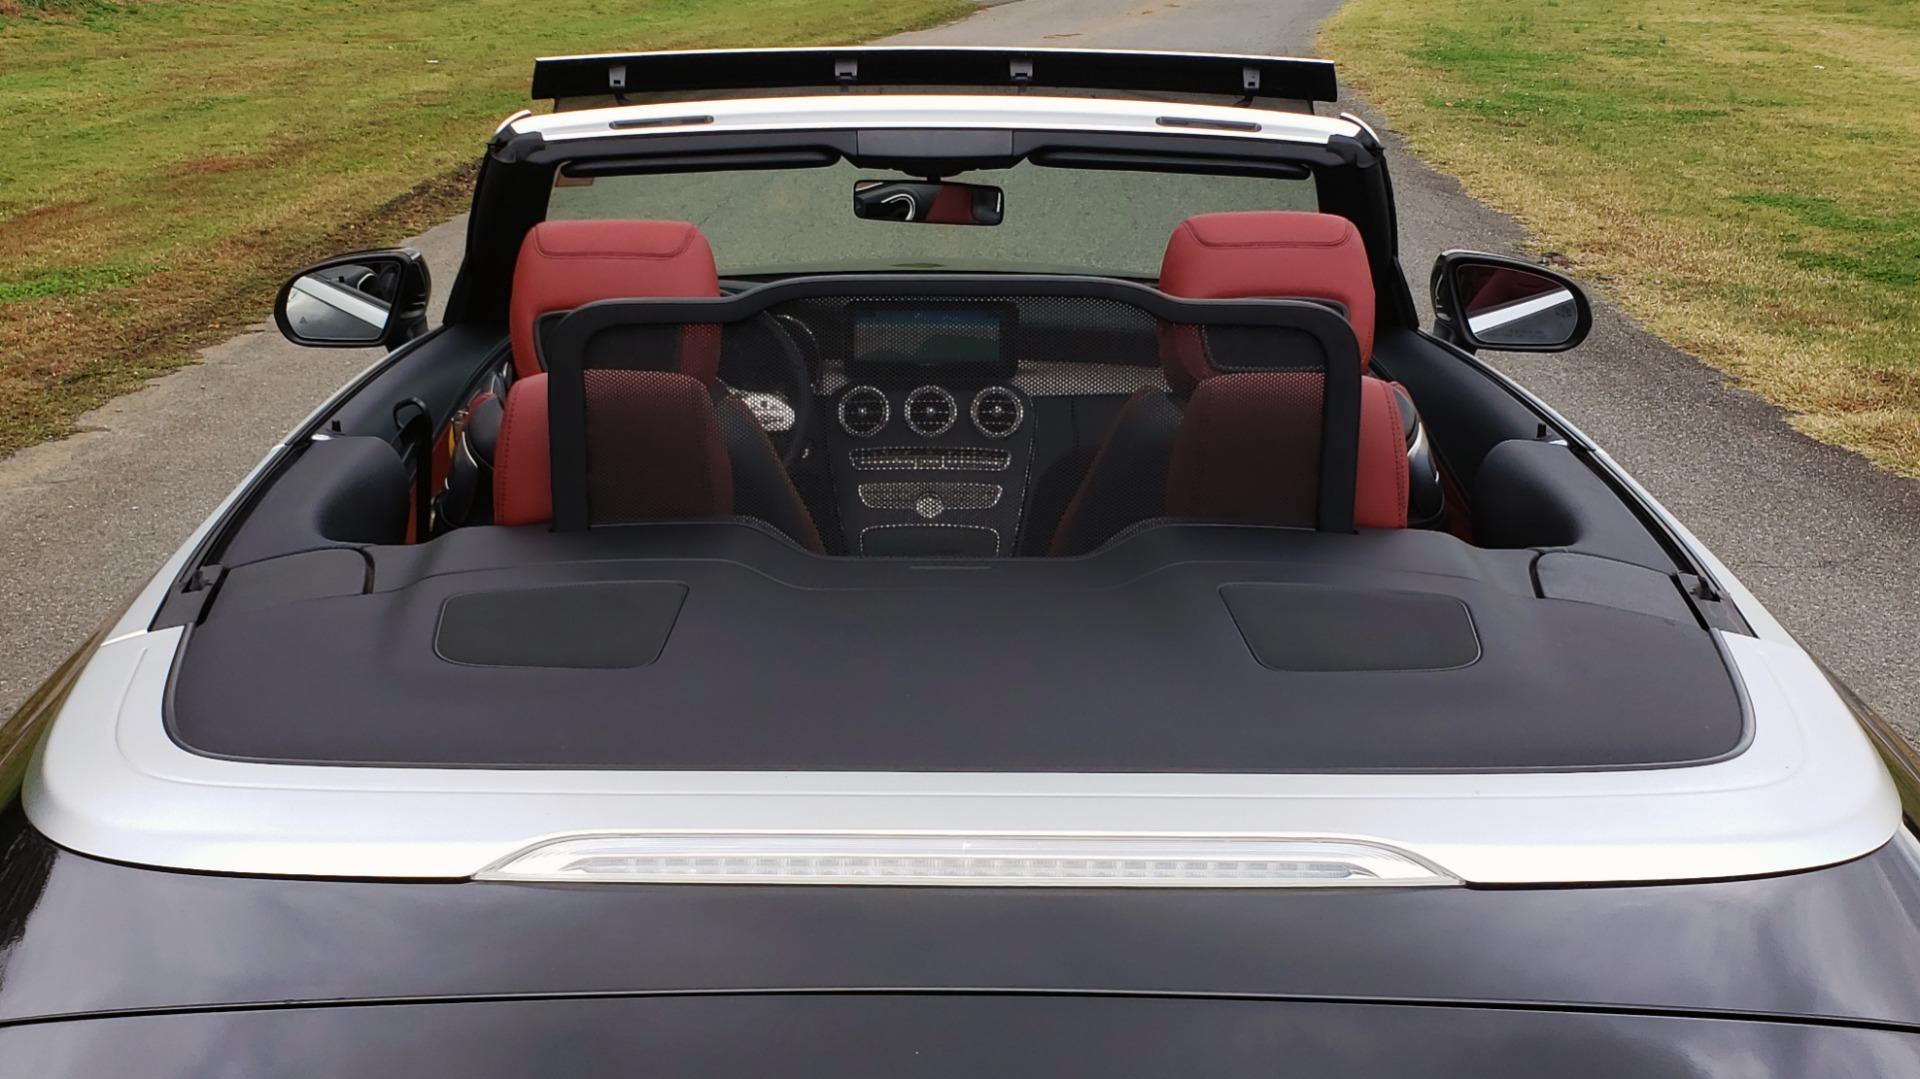 Used 2019 Mercedes-Benz C-CLASS C 300 CABRIOLET / PREM PKG / NAV / BURMESTER / MULTIMEDIA for sale Sold at Formula Imports in Charlotte NC 28227 11